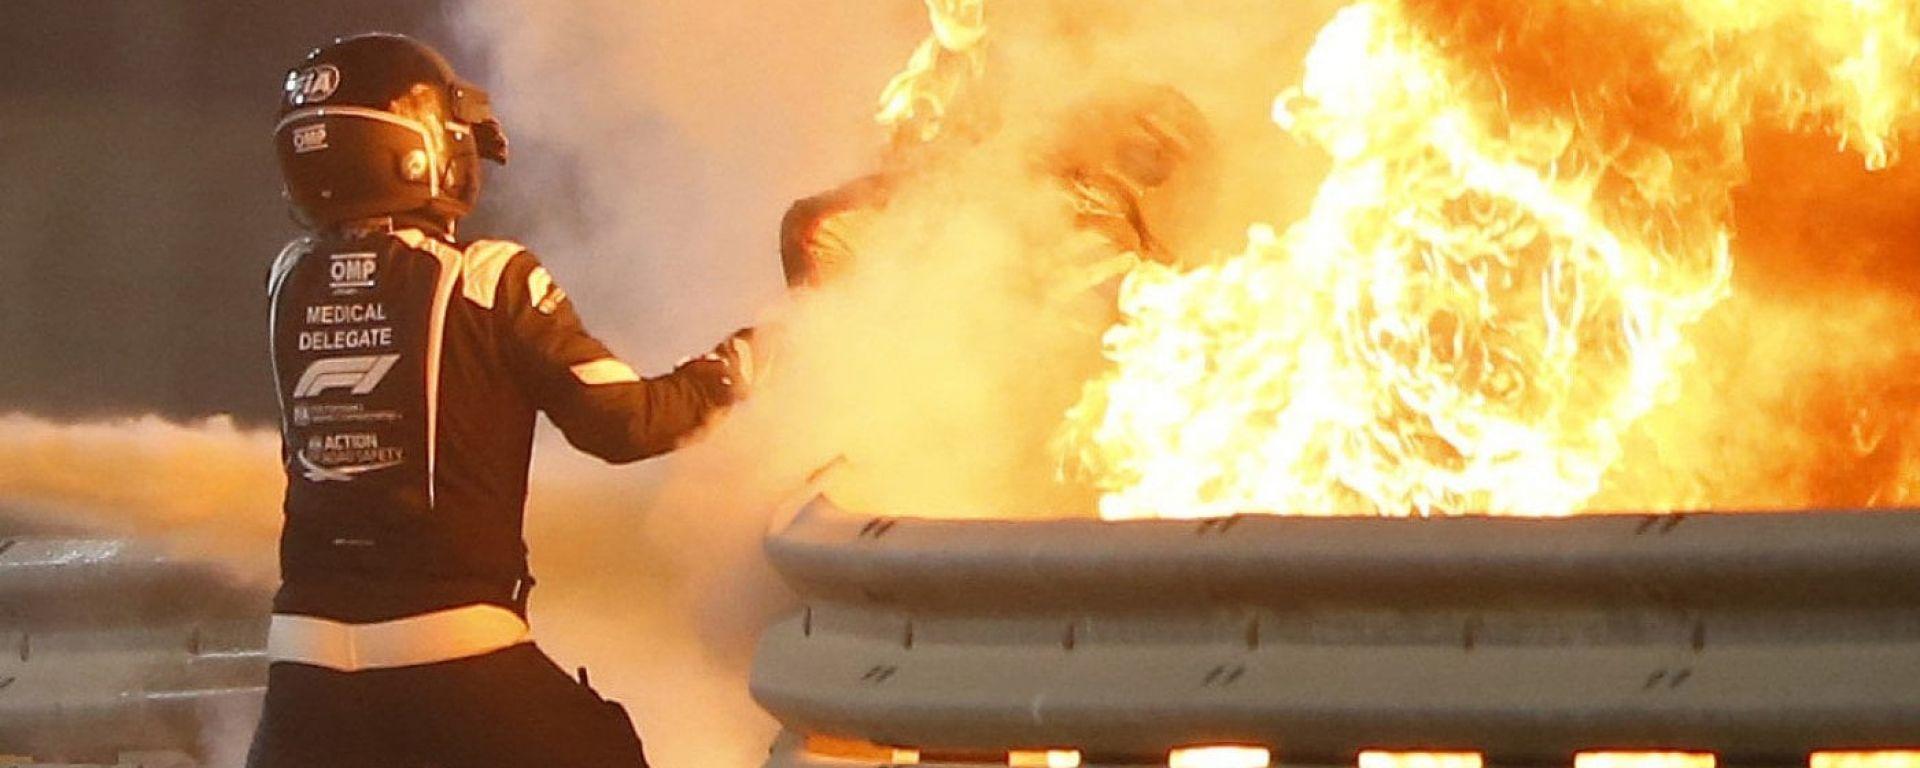 F1, GP Bahrain 2020: le fiamme da cui esce Romain Grosjean (Haas)